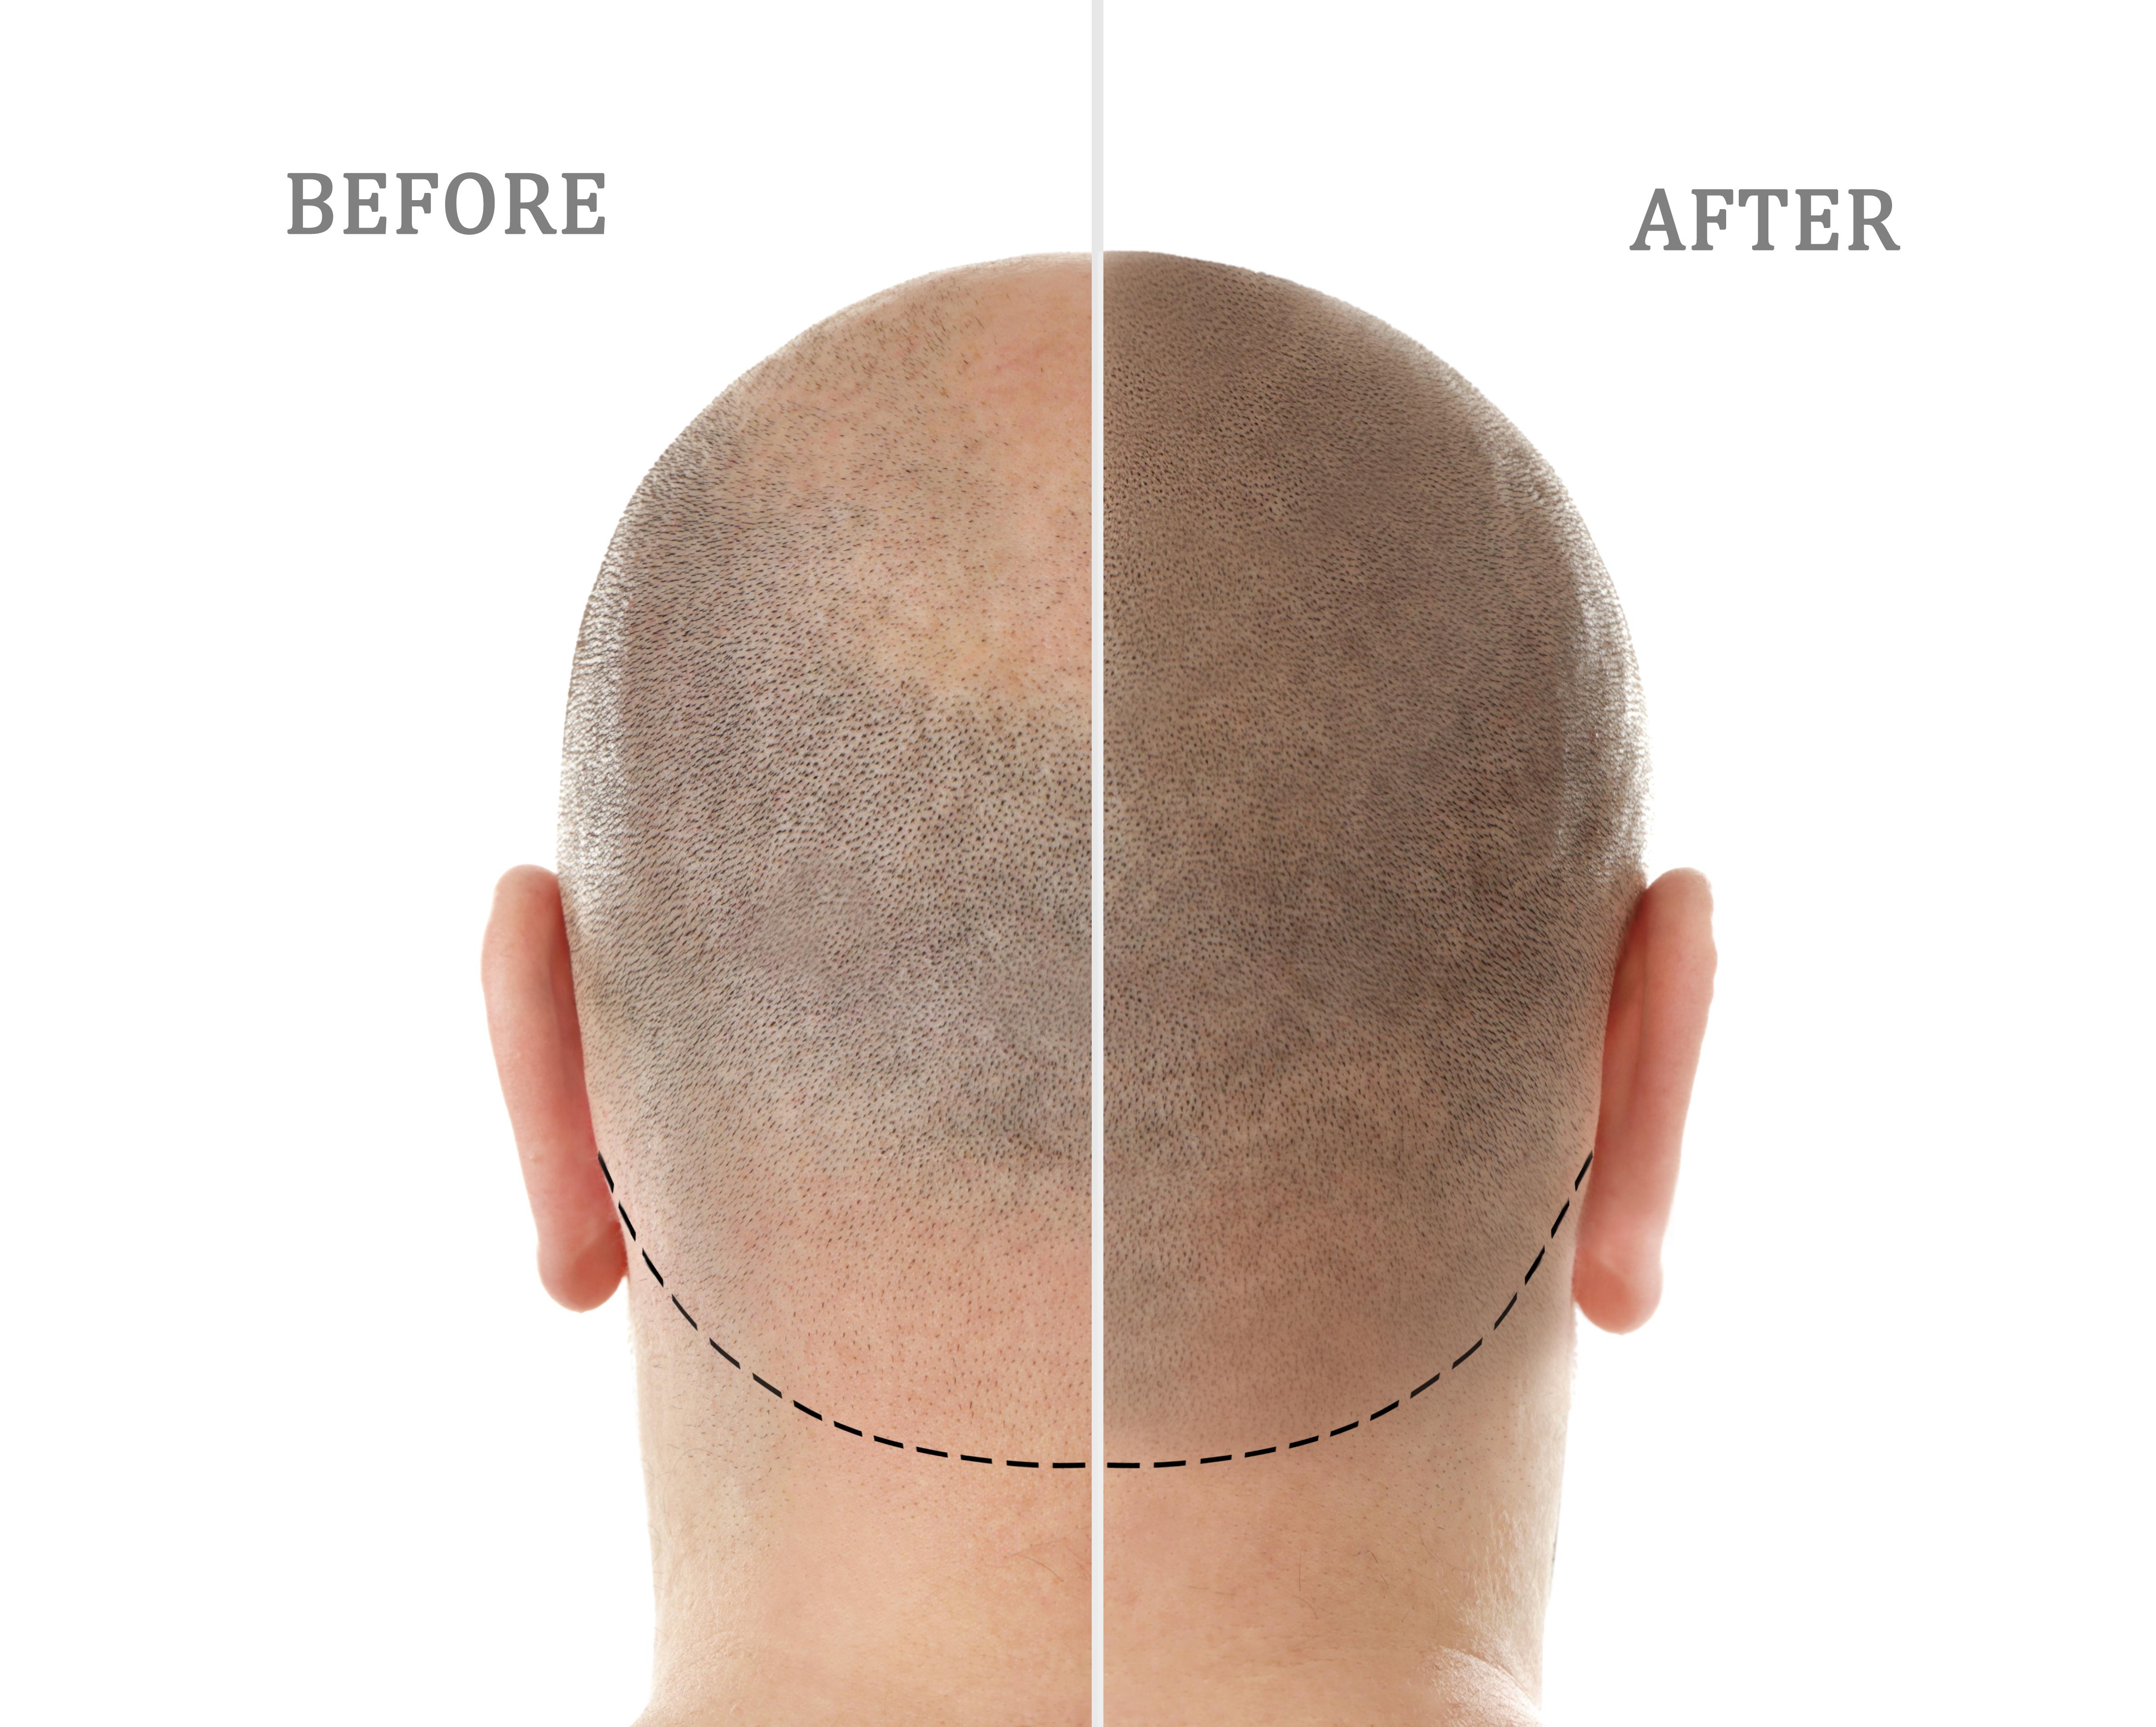 Liečba vypadávania vlasov - Vypadavajú mi vlasy, čo stým?